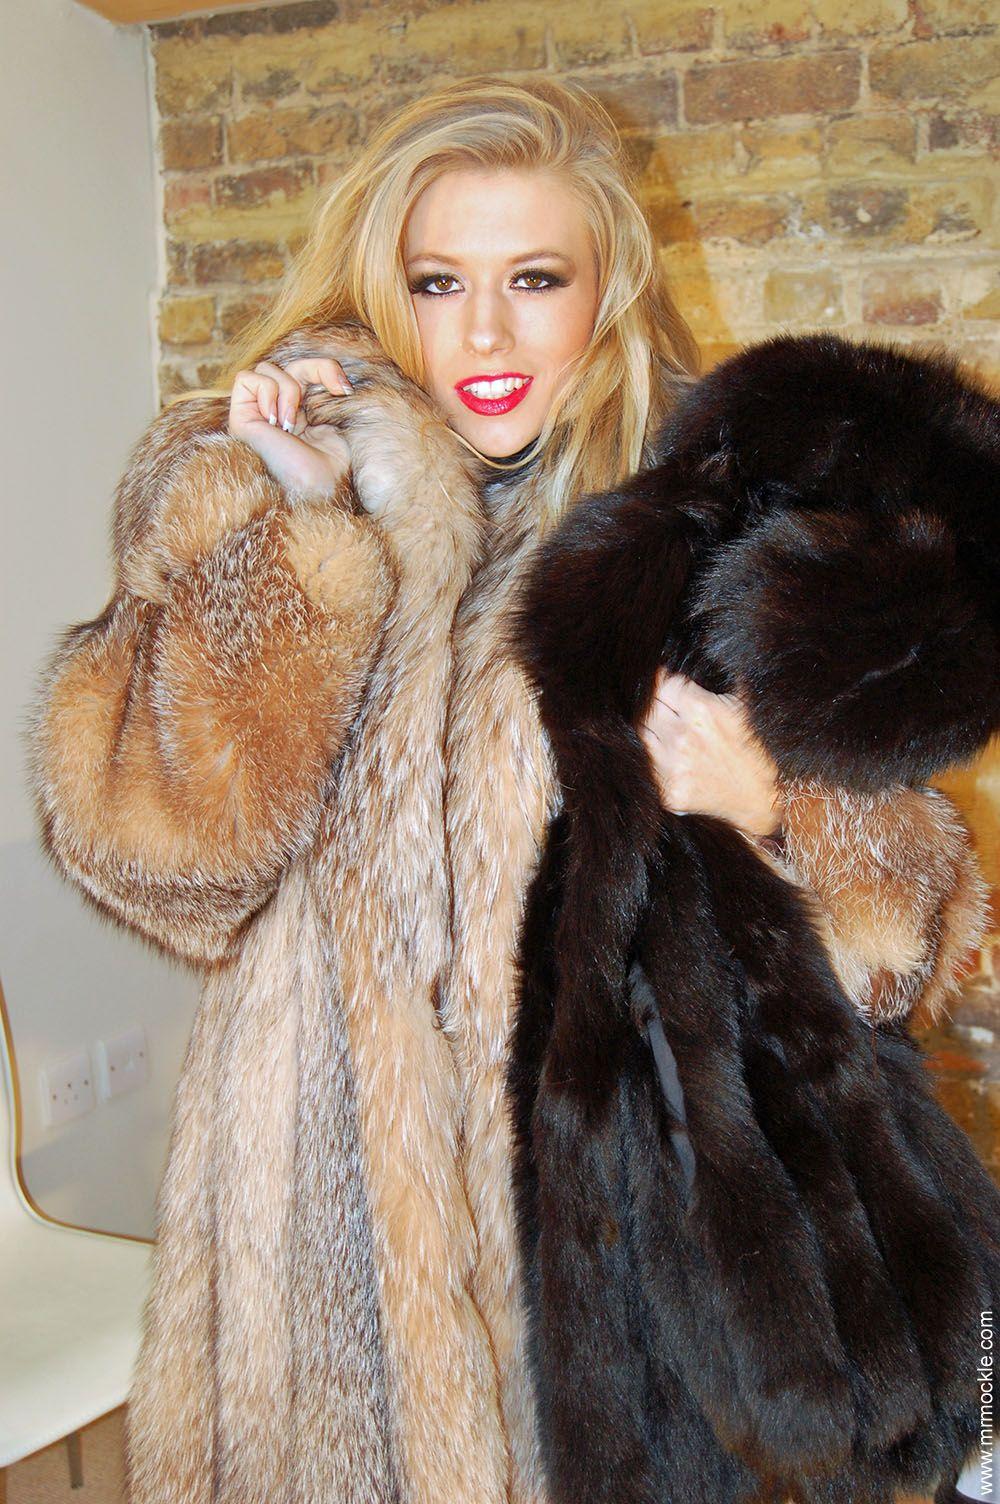 Pin on Fur love